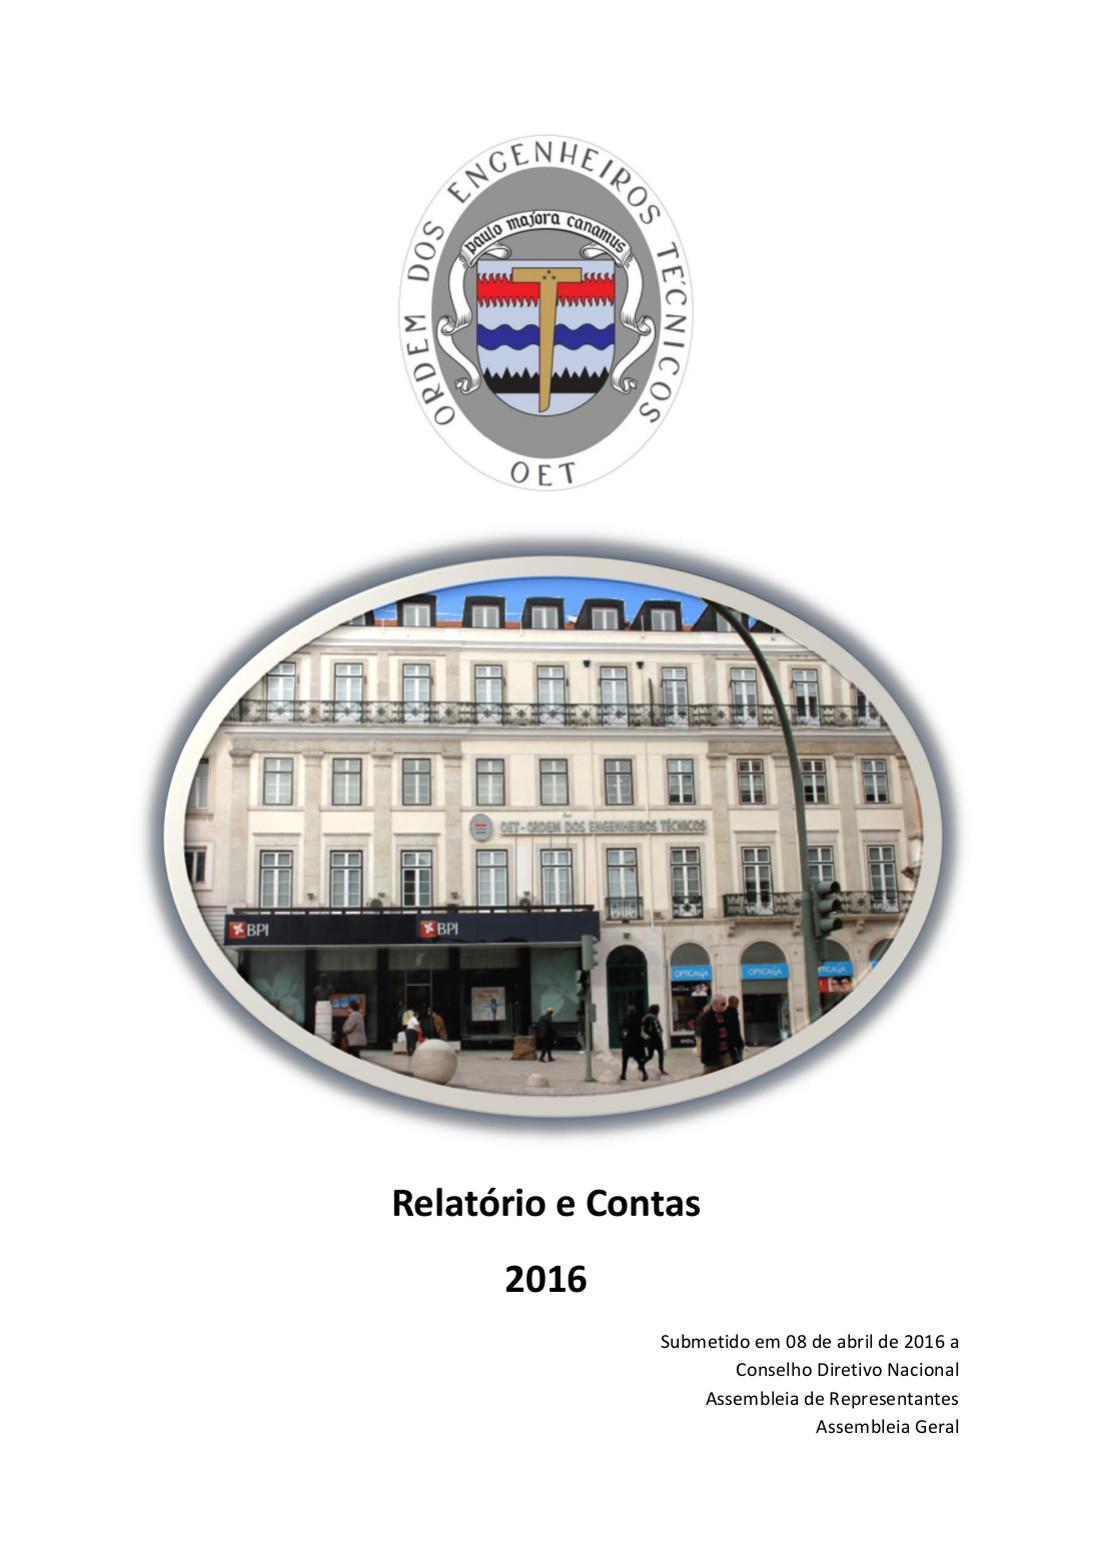 imagem de capa do relatório de contas